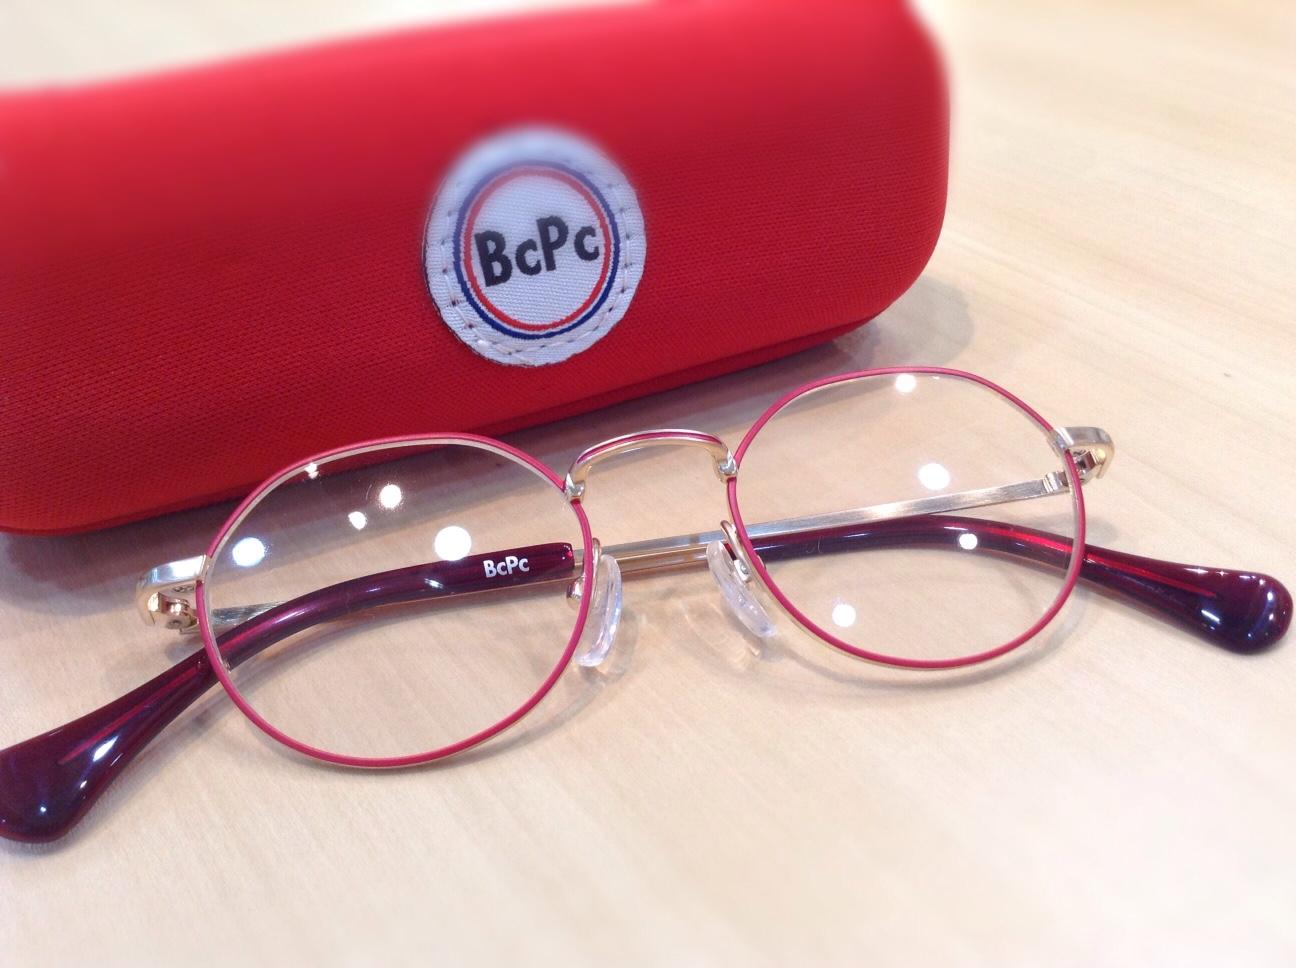 ベセペセ 品番:BK-023 カラー:01 レンズサイズ:42ミリ